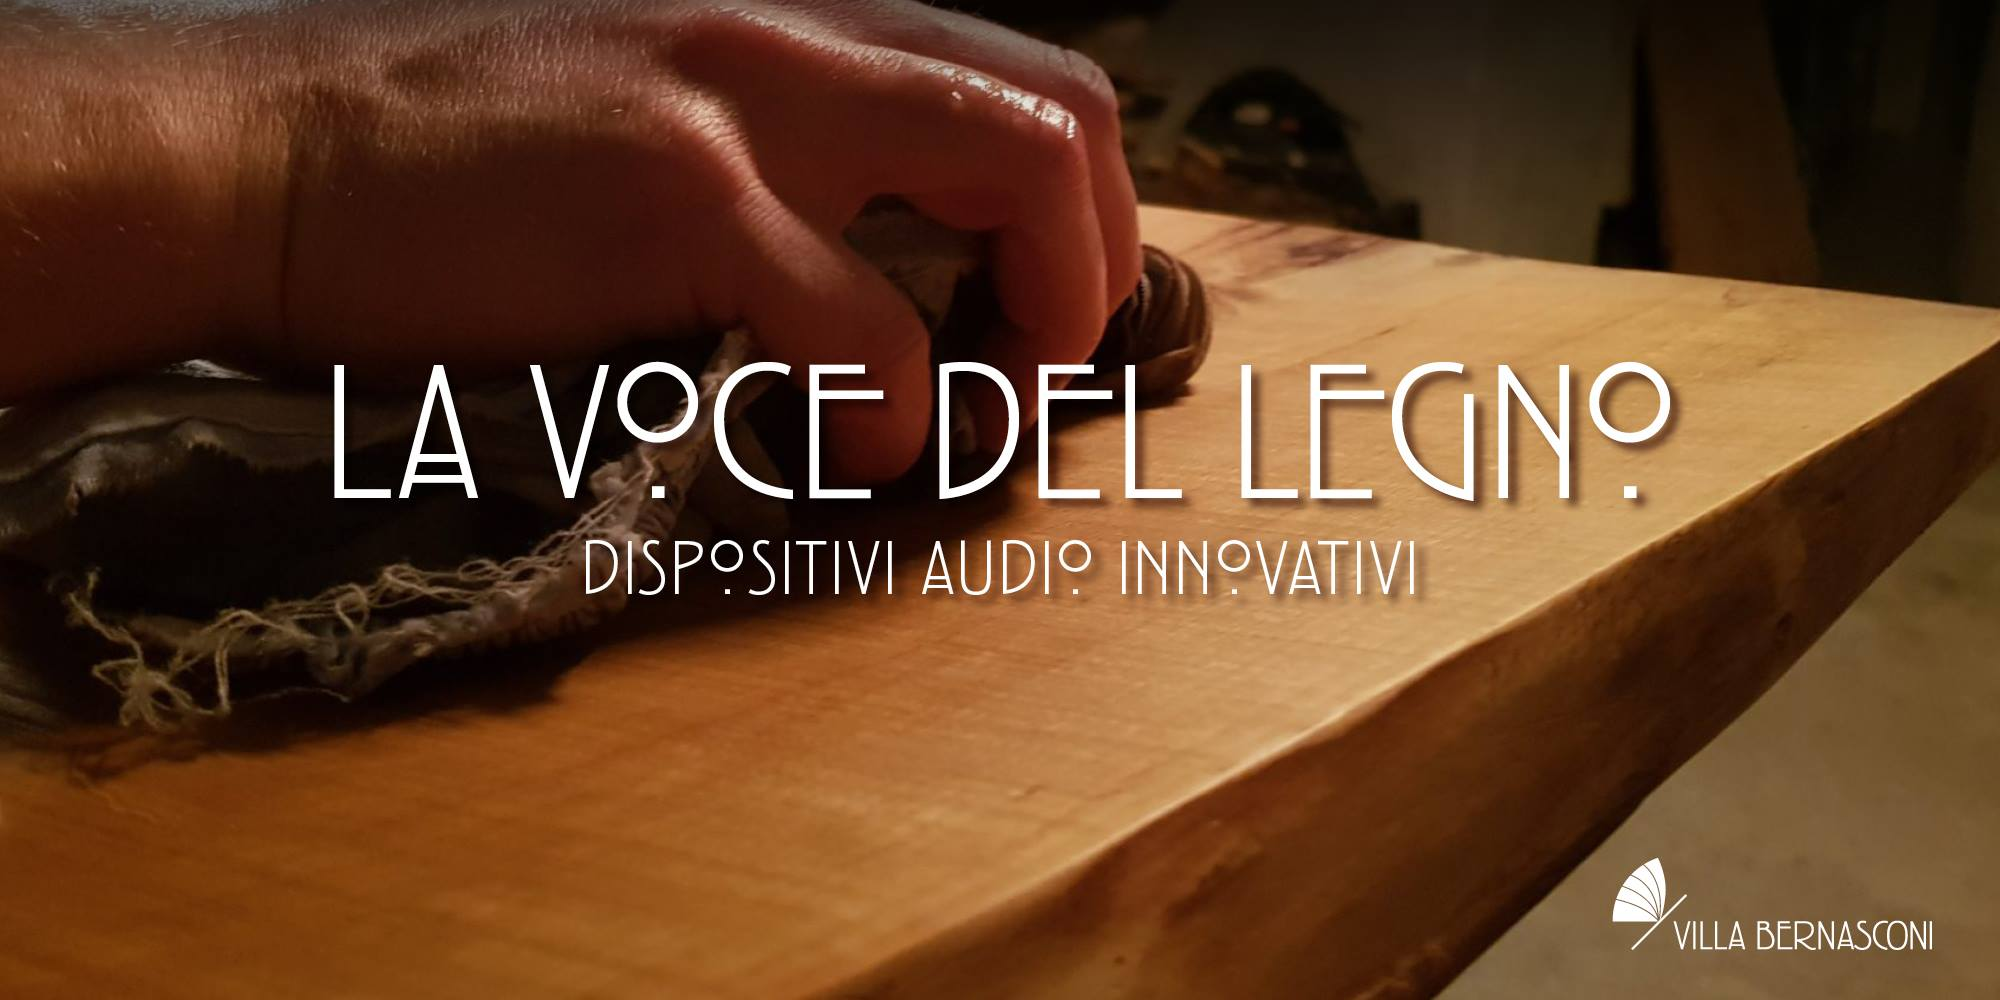 La voce del legno